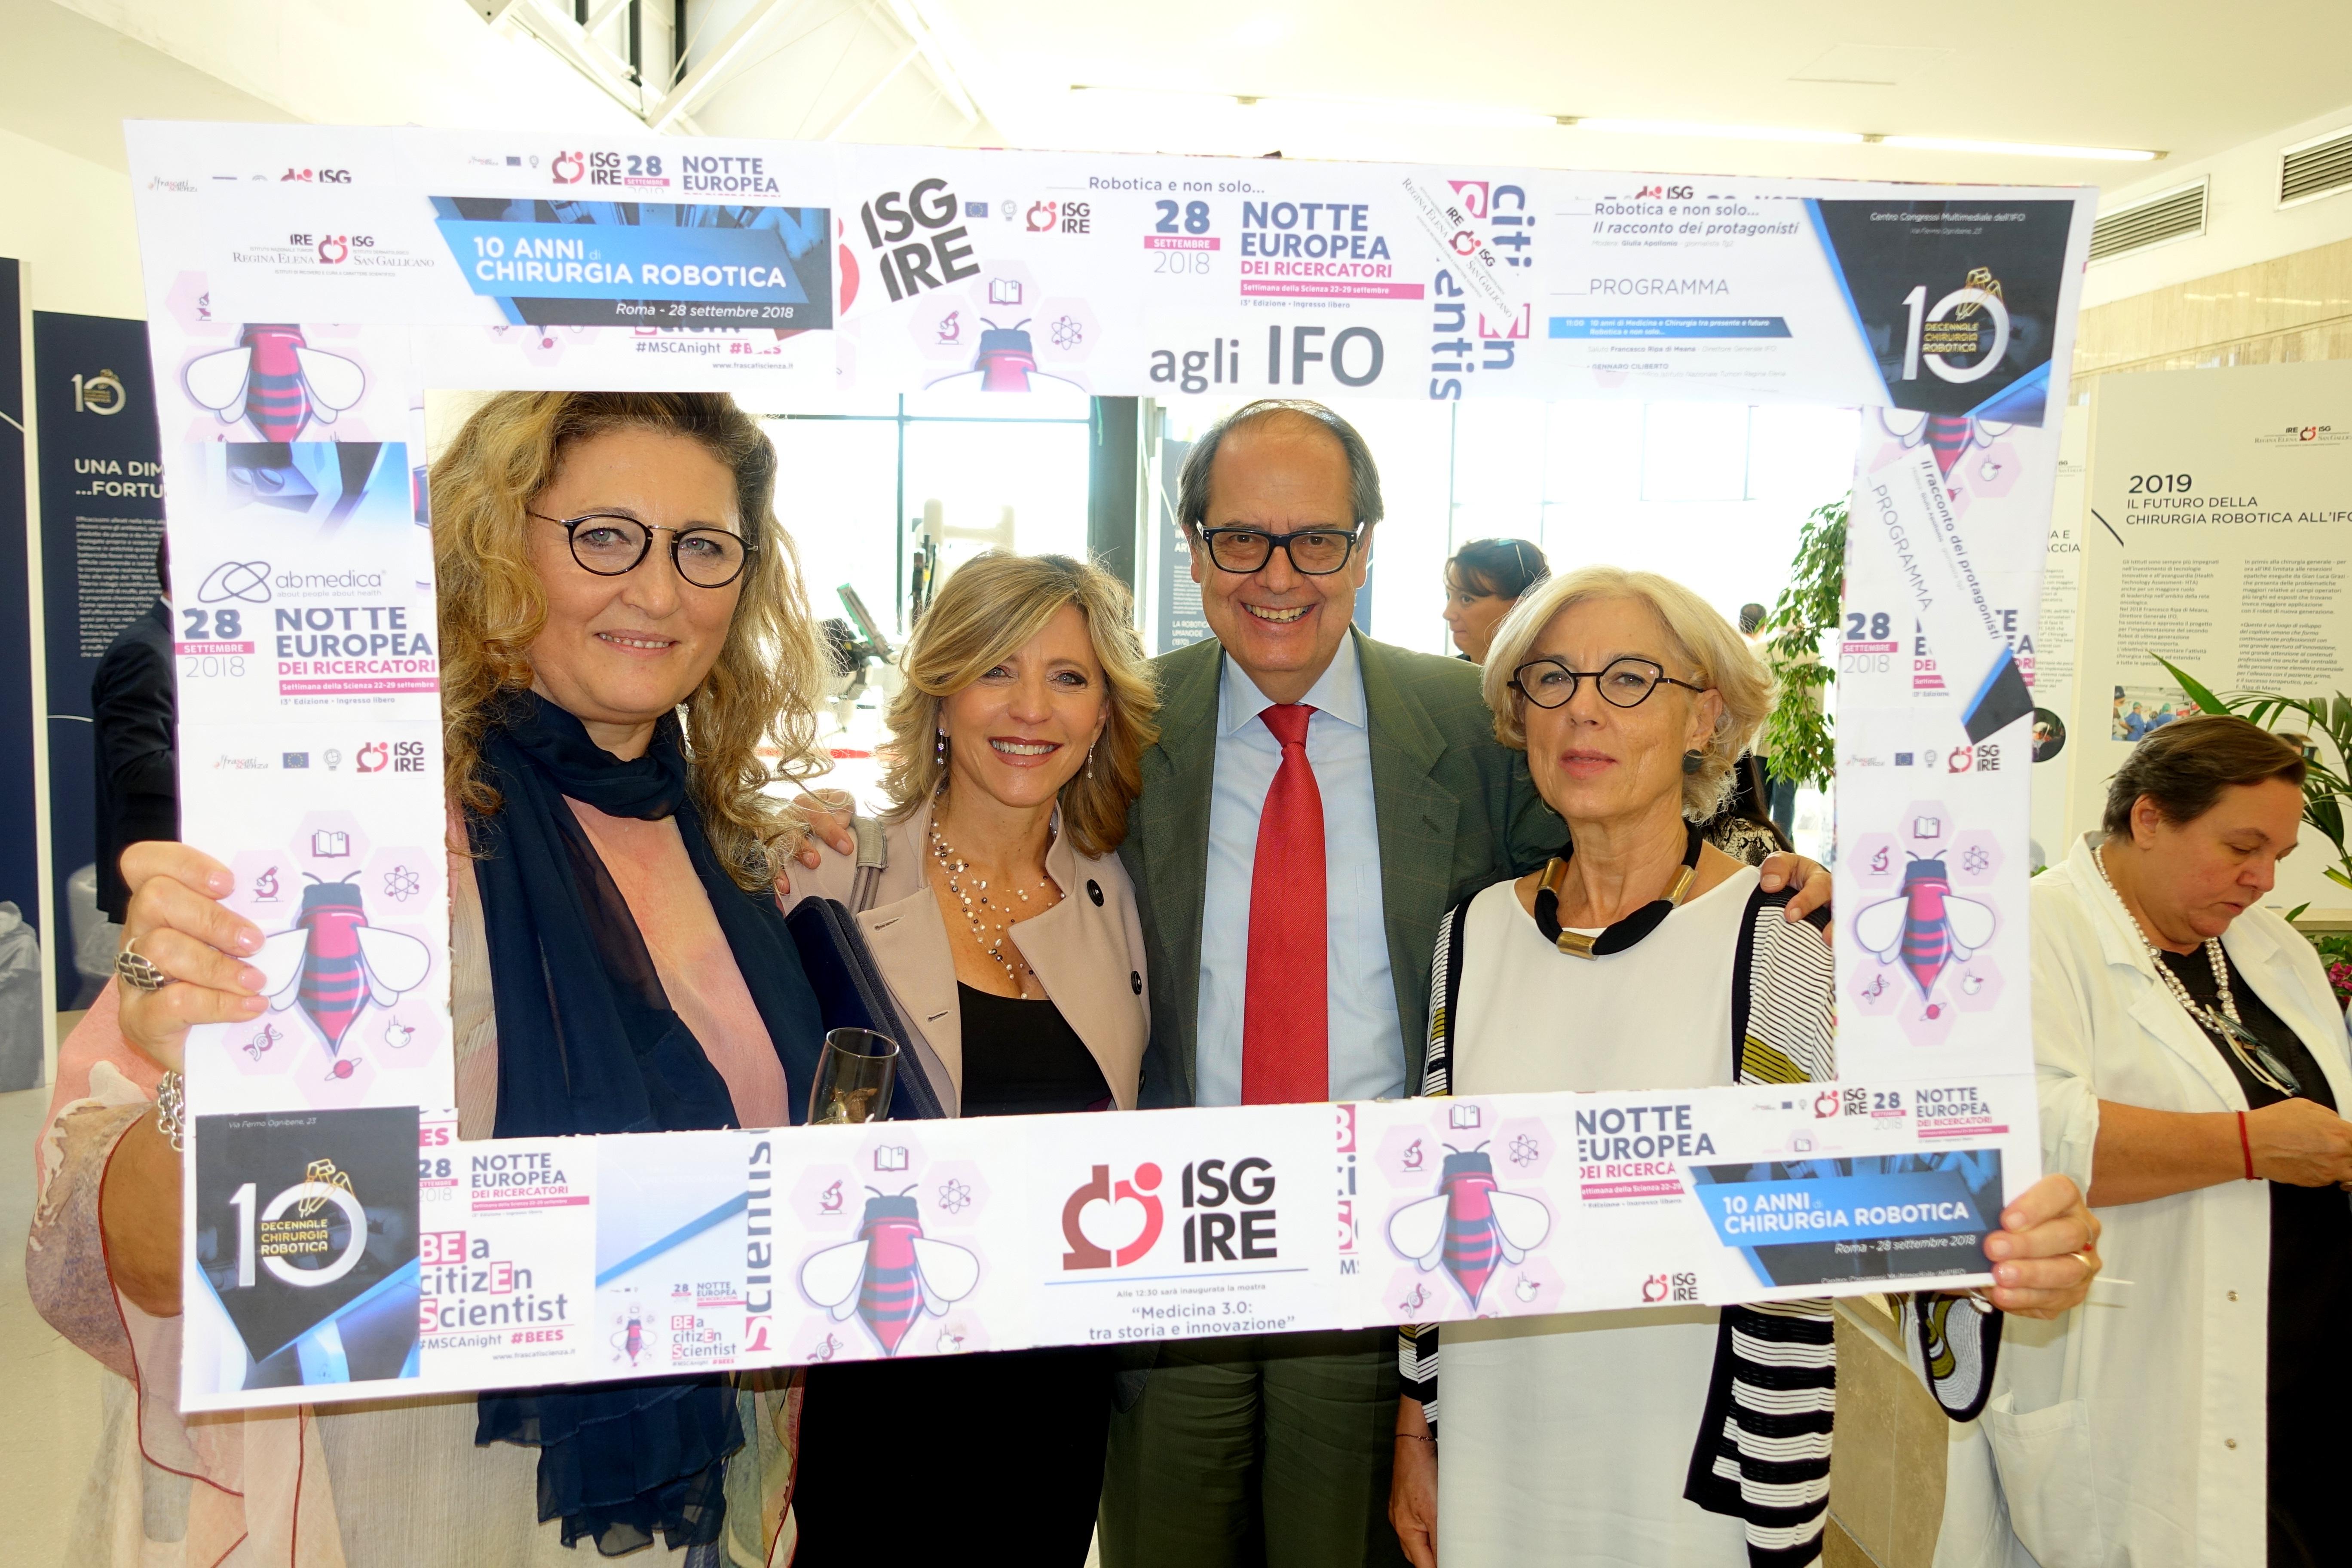 10 anni di chirurgia robotica agli IFO foto con il Dr. Morrone